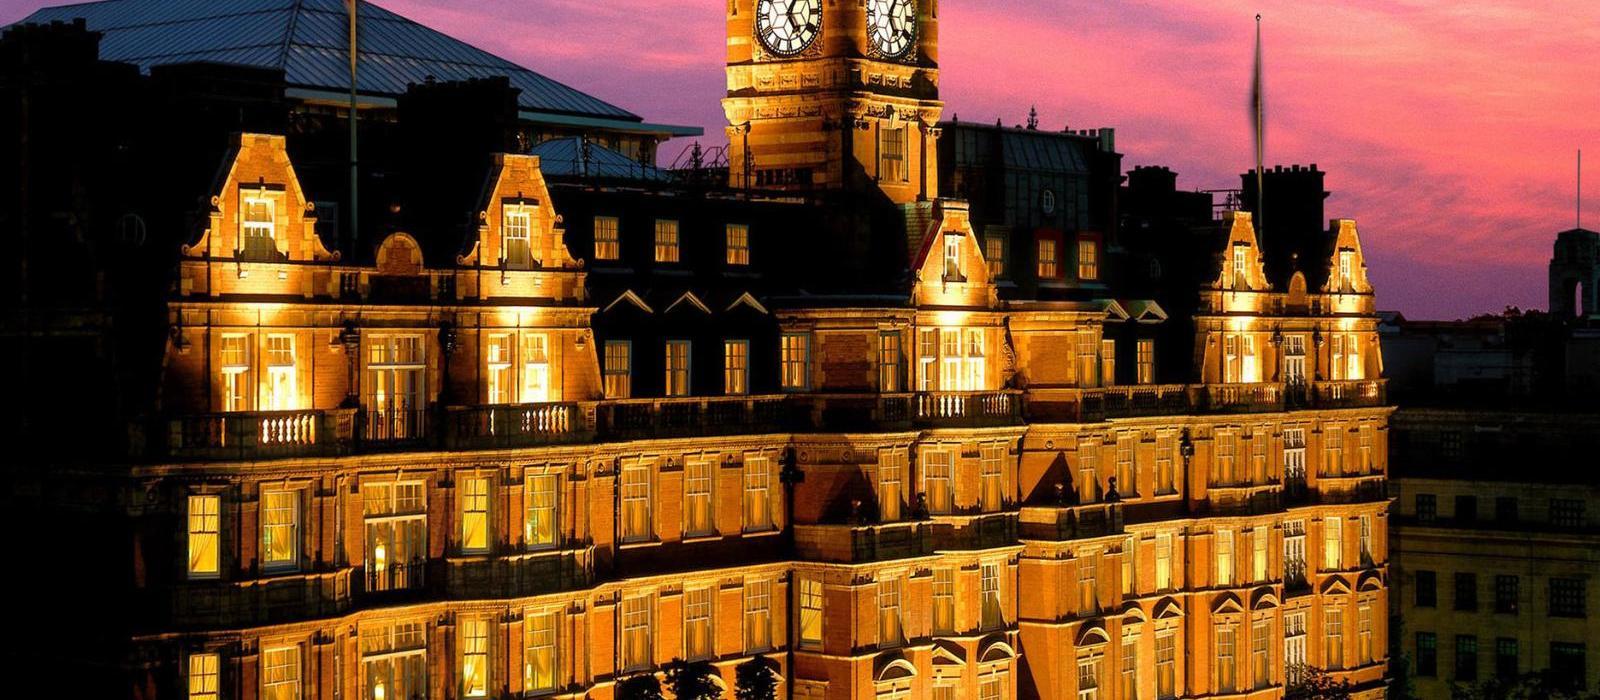 伦敦龍馬酒店(The Landmark London) 酒店外观图片  www.lhw.cn